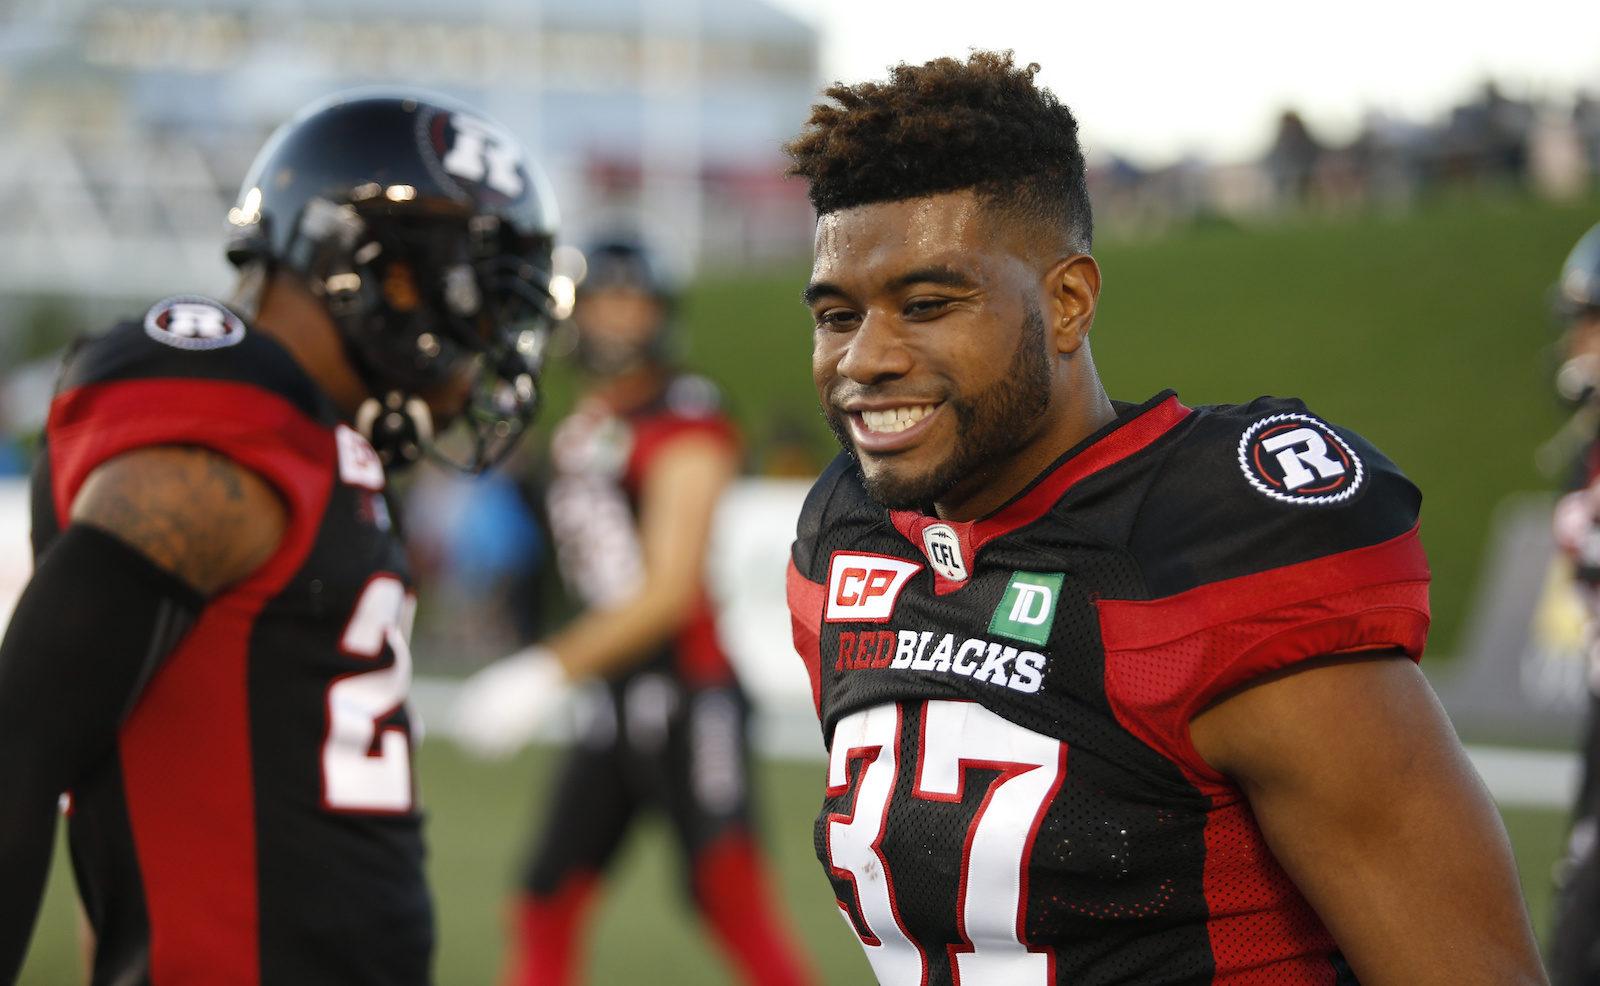 Mossis Madu re-signs with REDBLACKS - Ottawa REDBLACKS